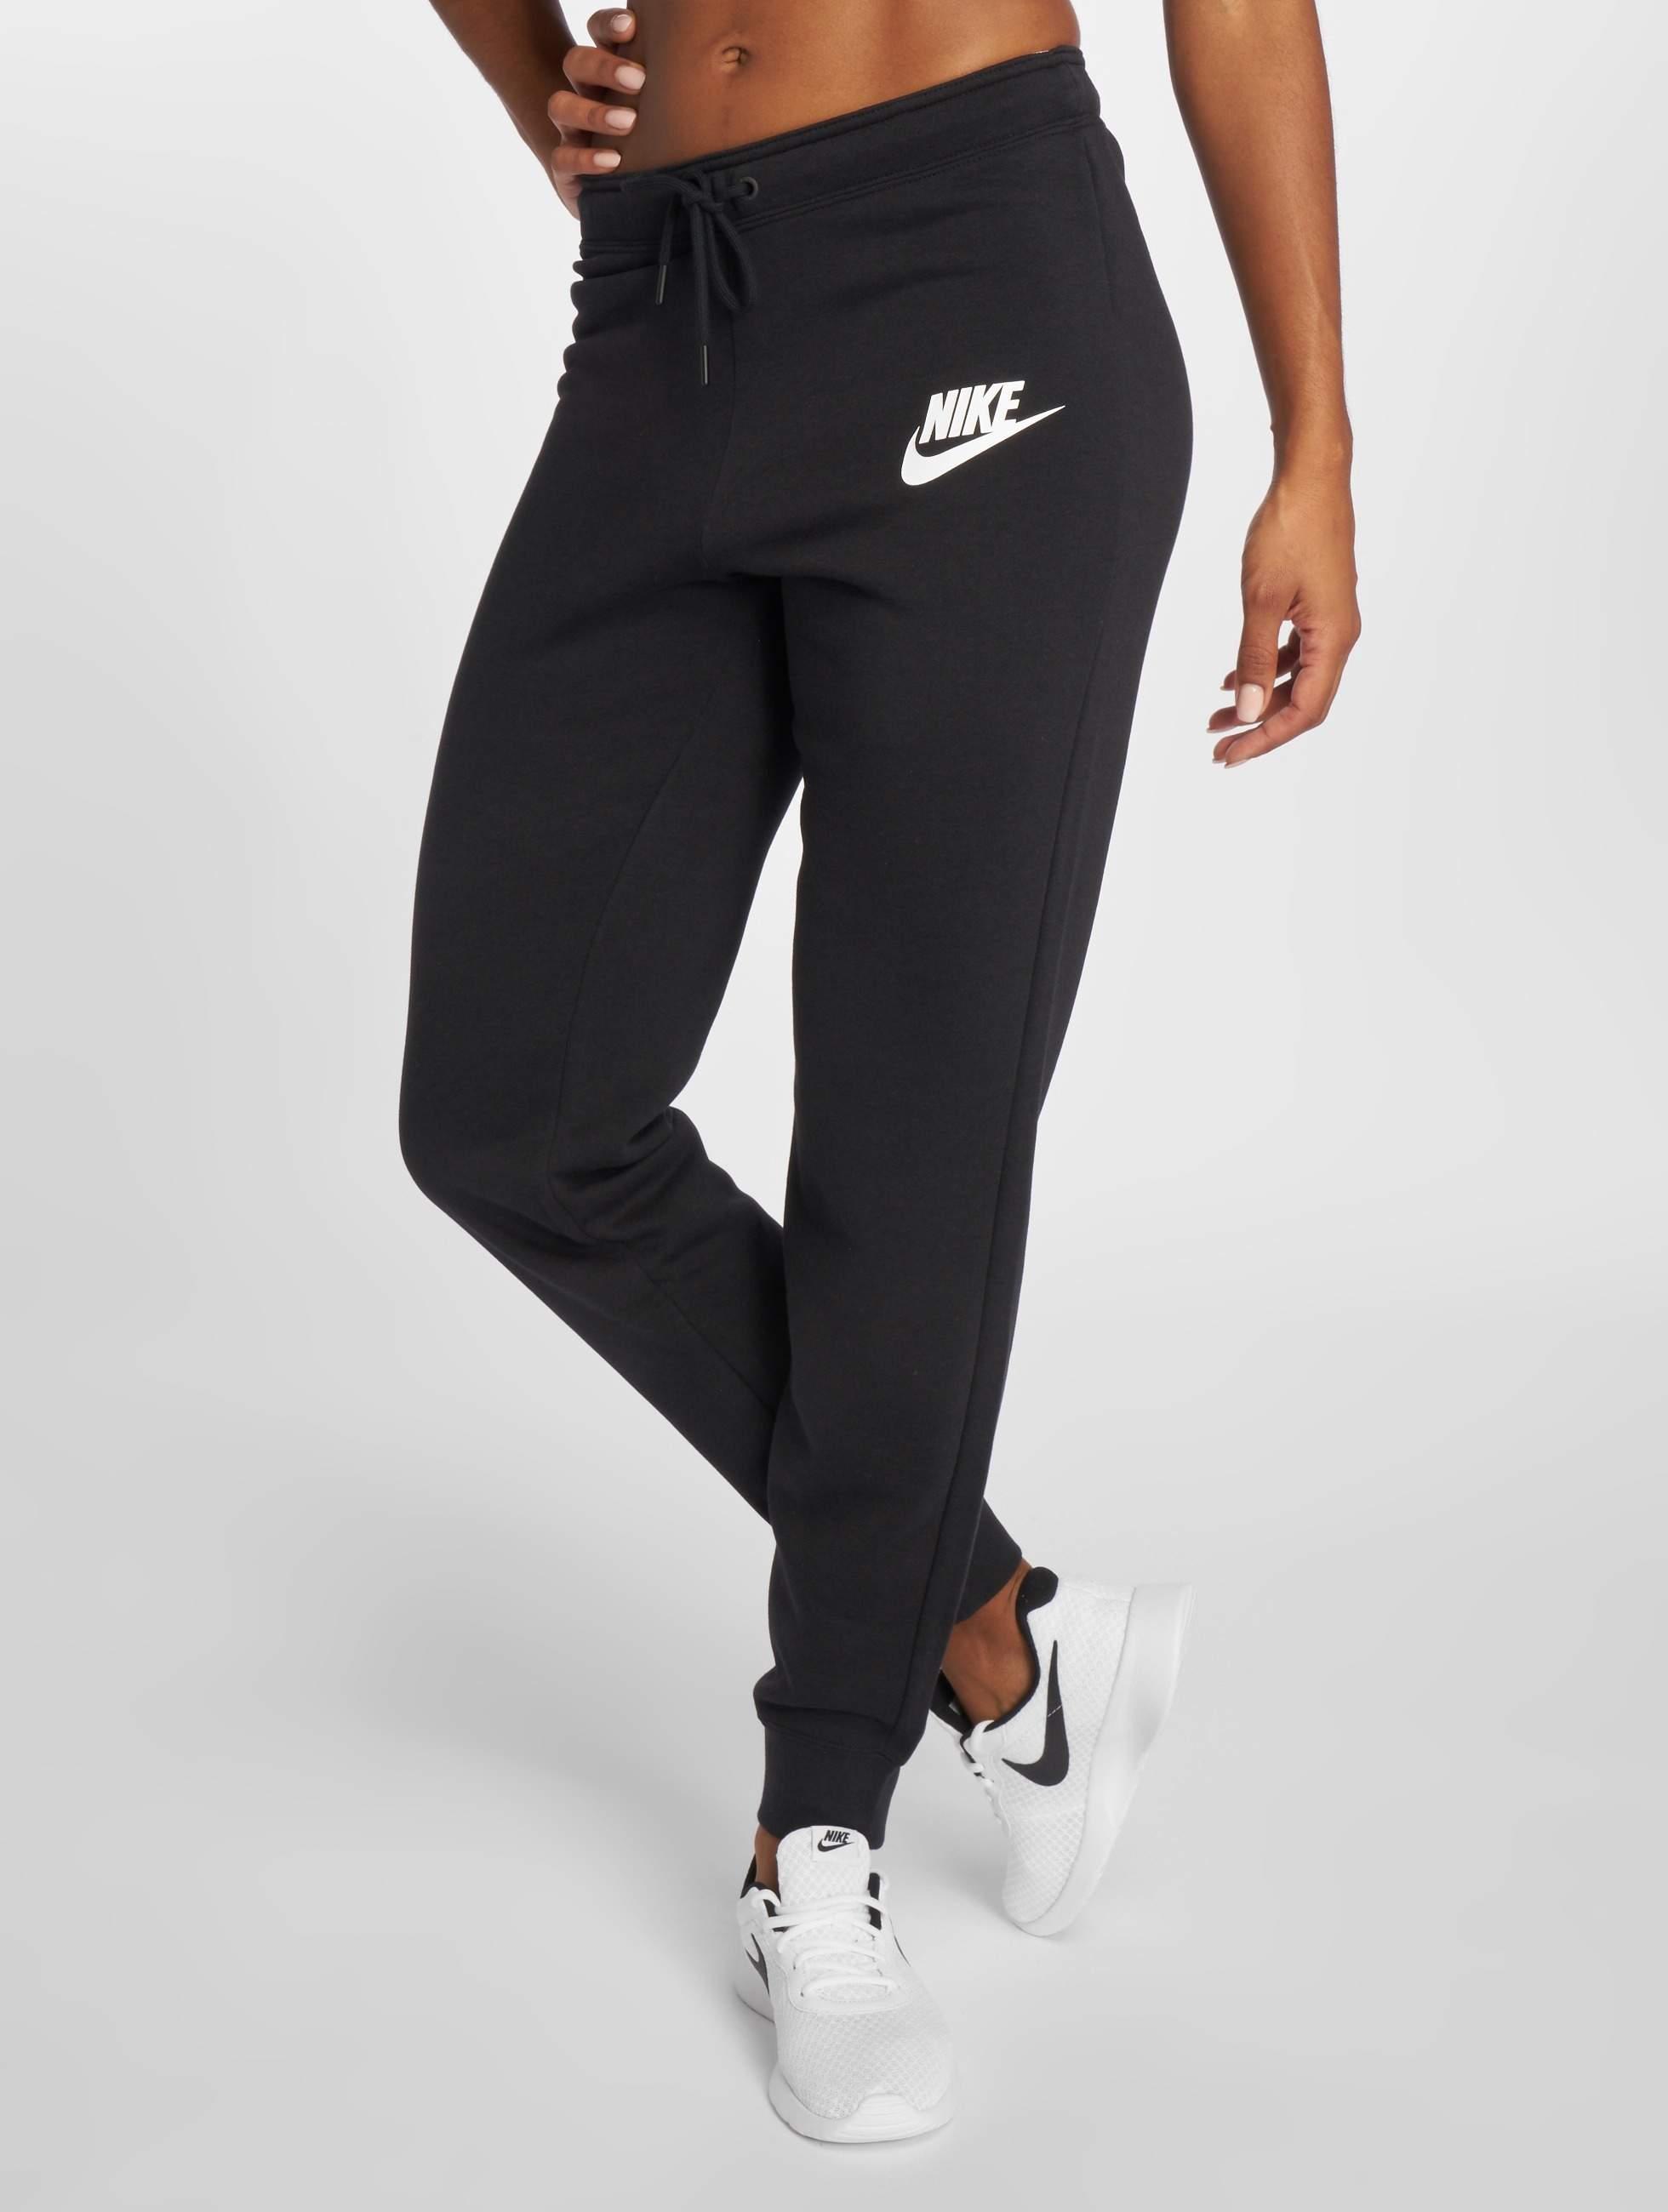 08934a2309d62 Nike Damen Jogginghose Sportswear in schwarz 467769